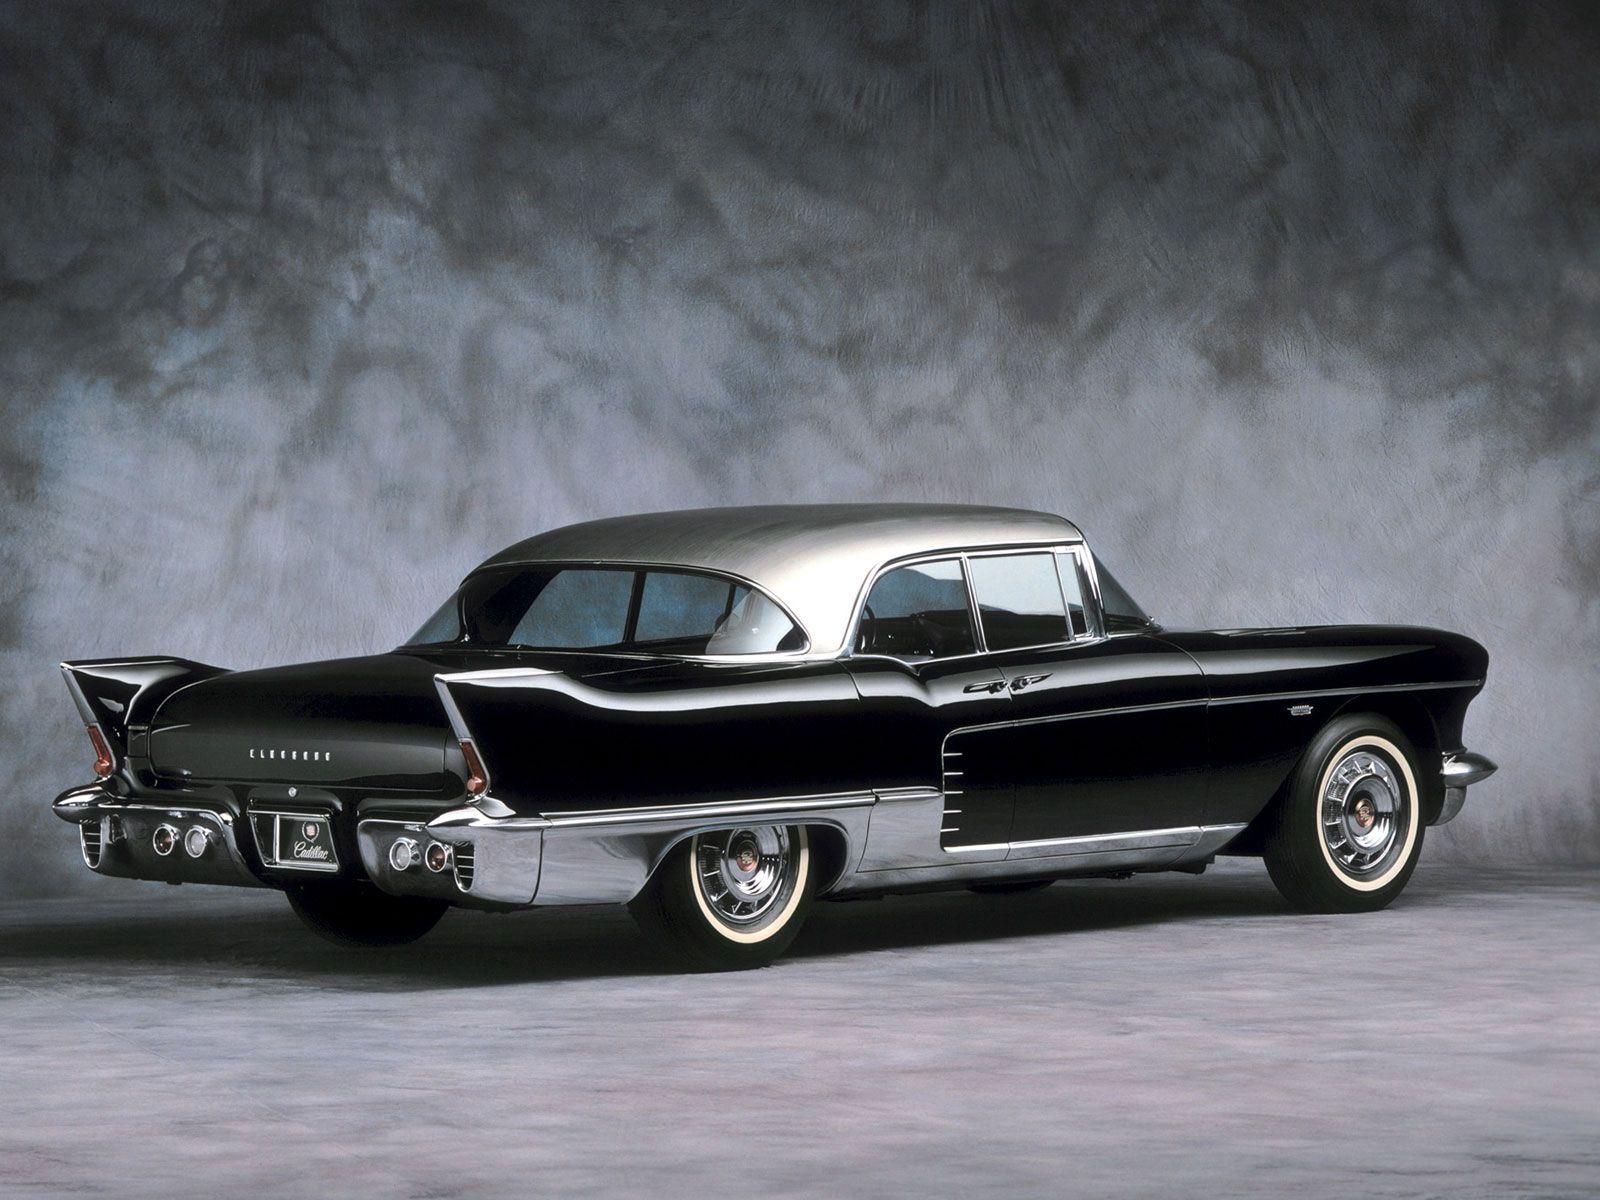 1957 Cadillac Eldorado Brougham | 1957 Cadillac Eldorado Brougham (c